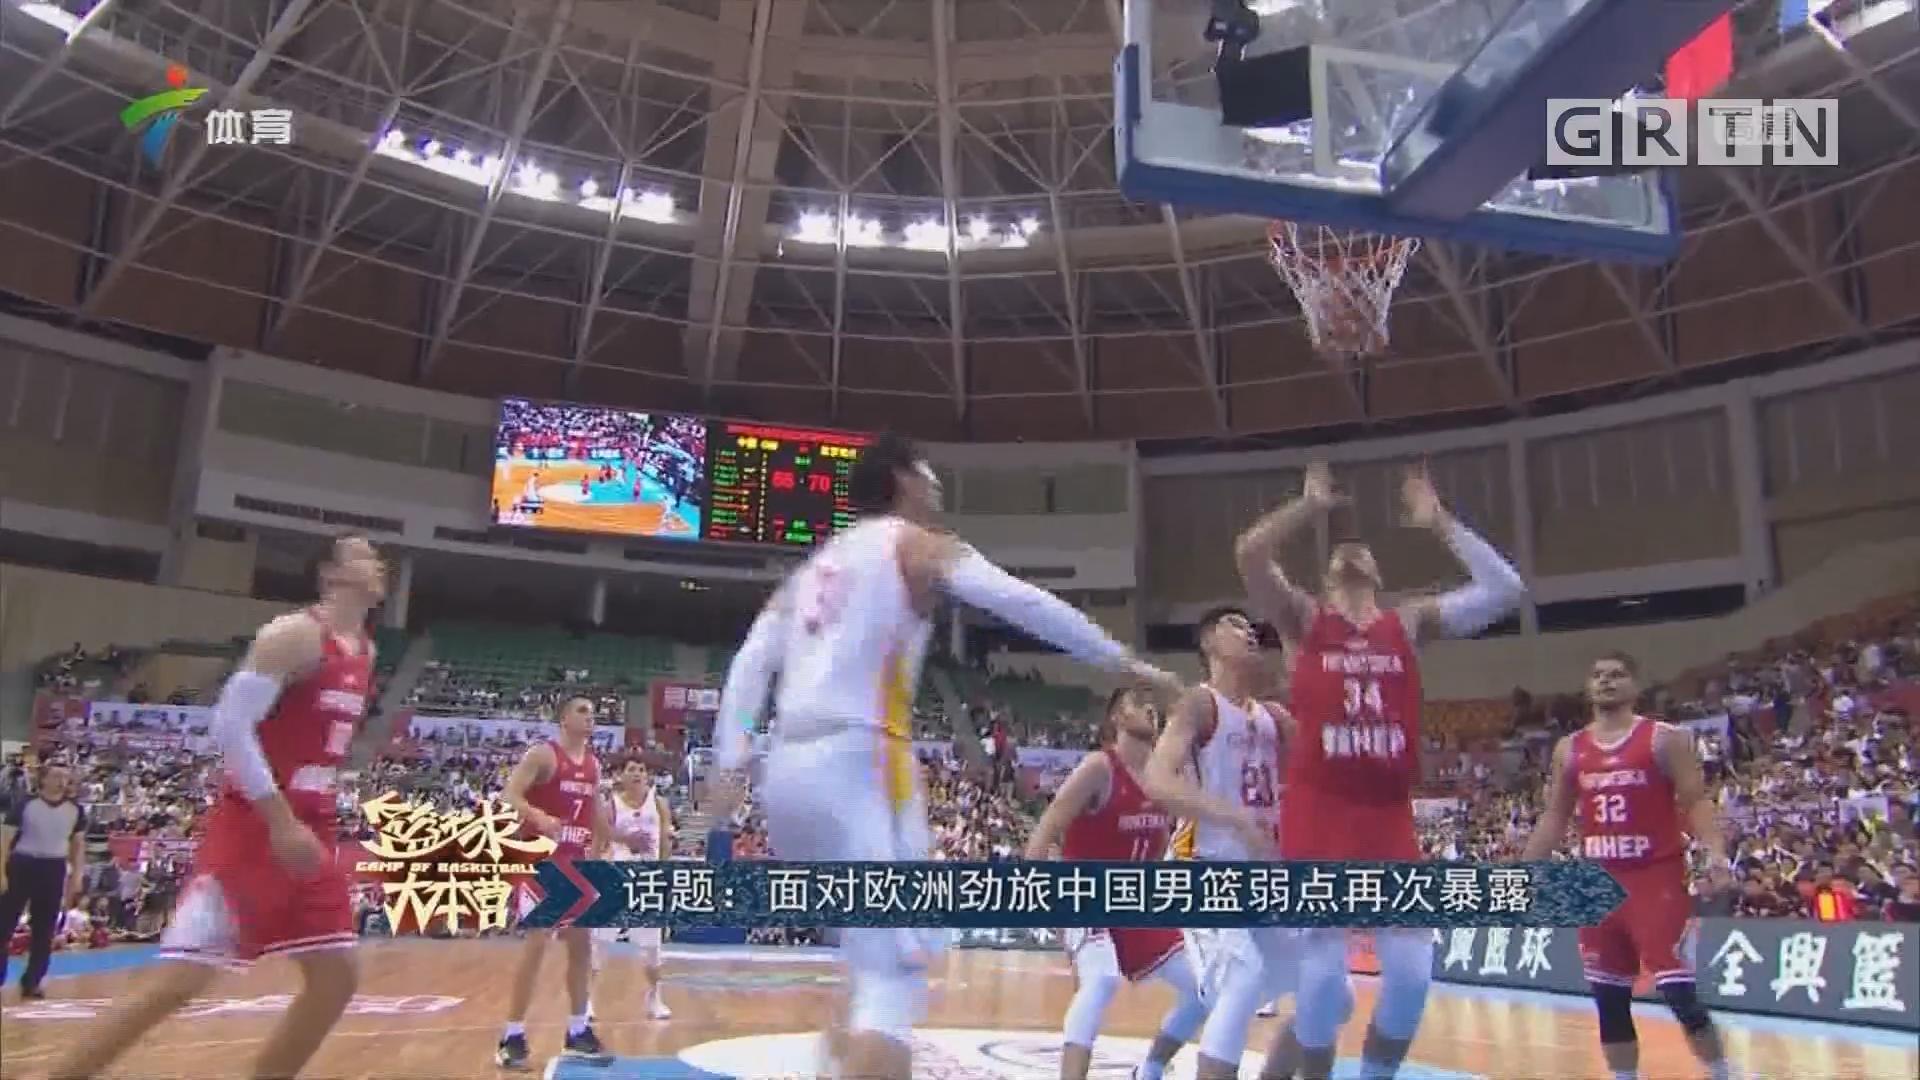 话题:面对欧洲劲旅中国男篮弱点再次暴露